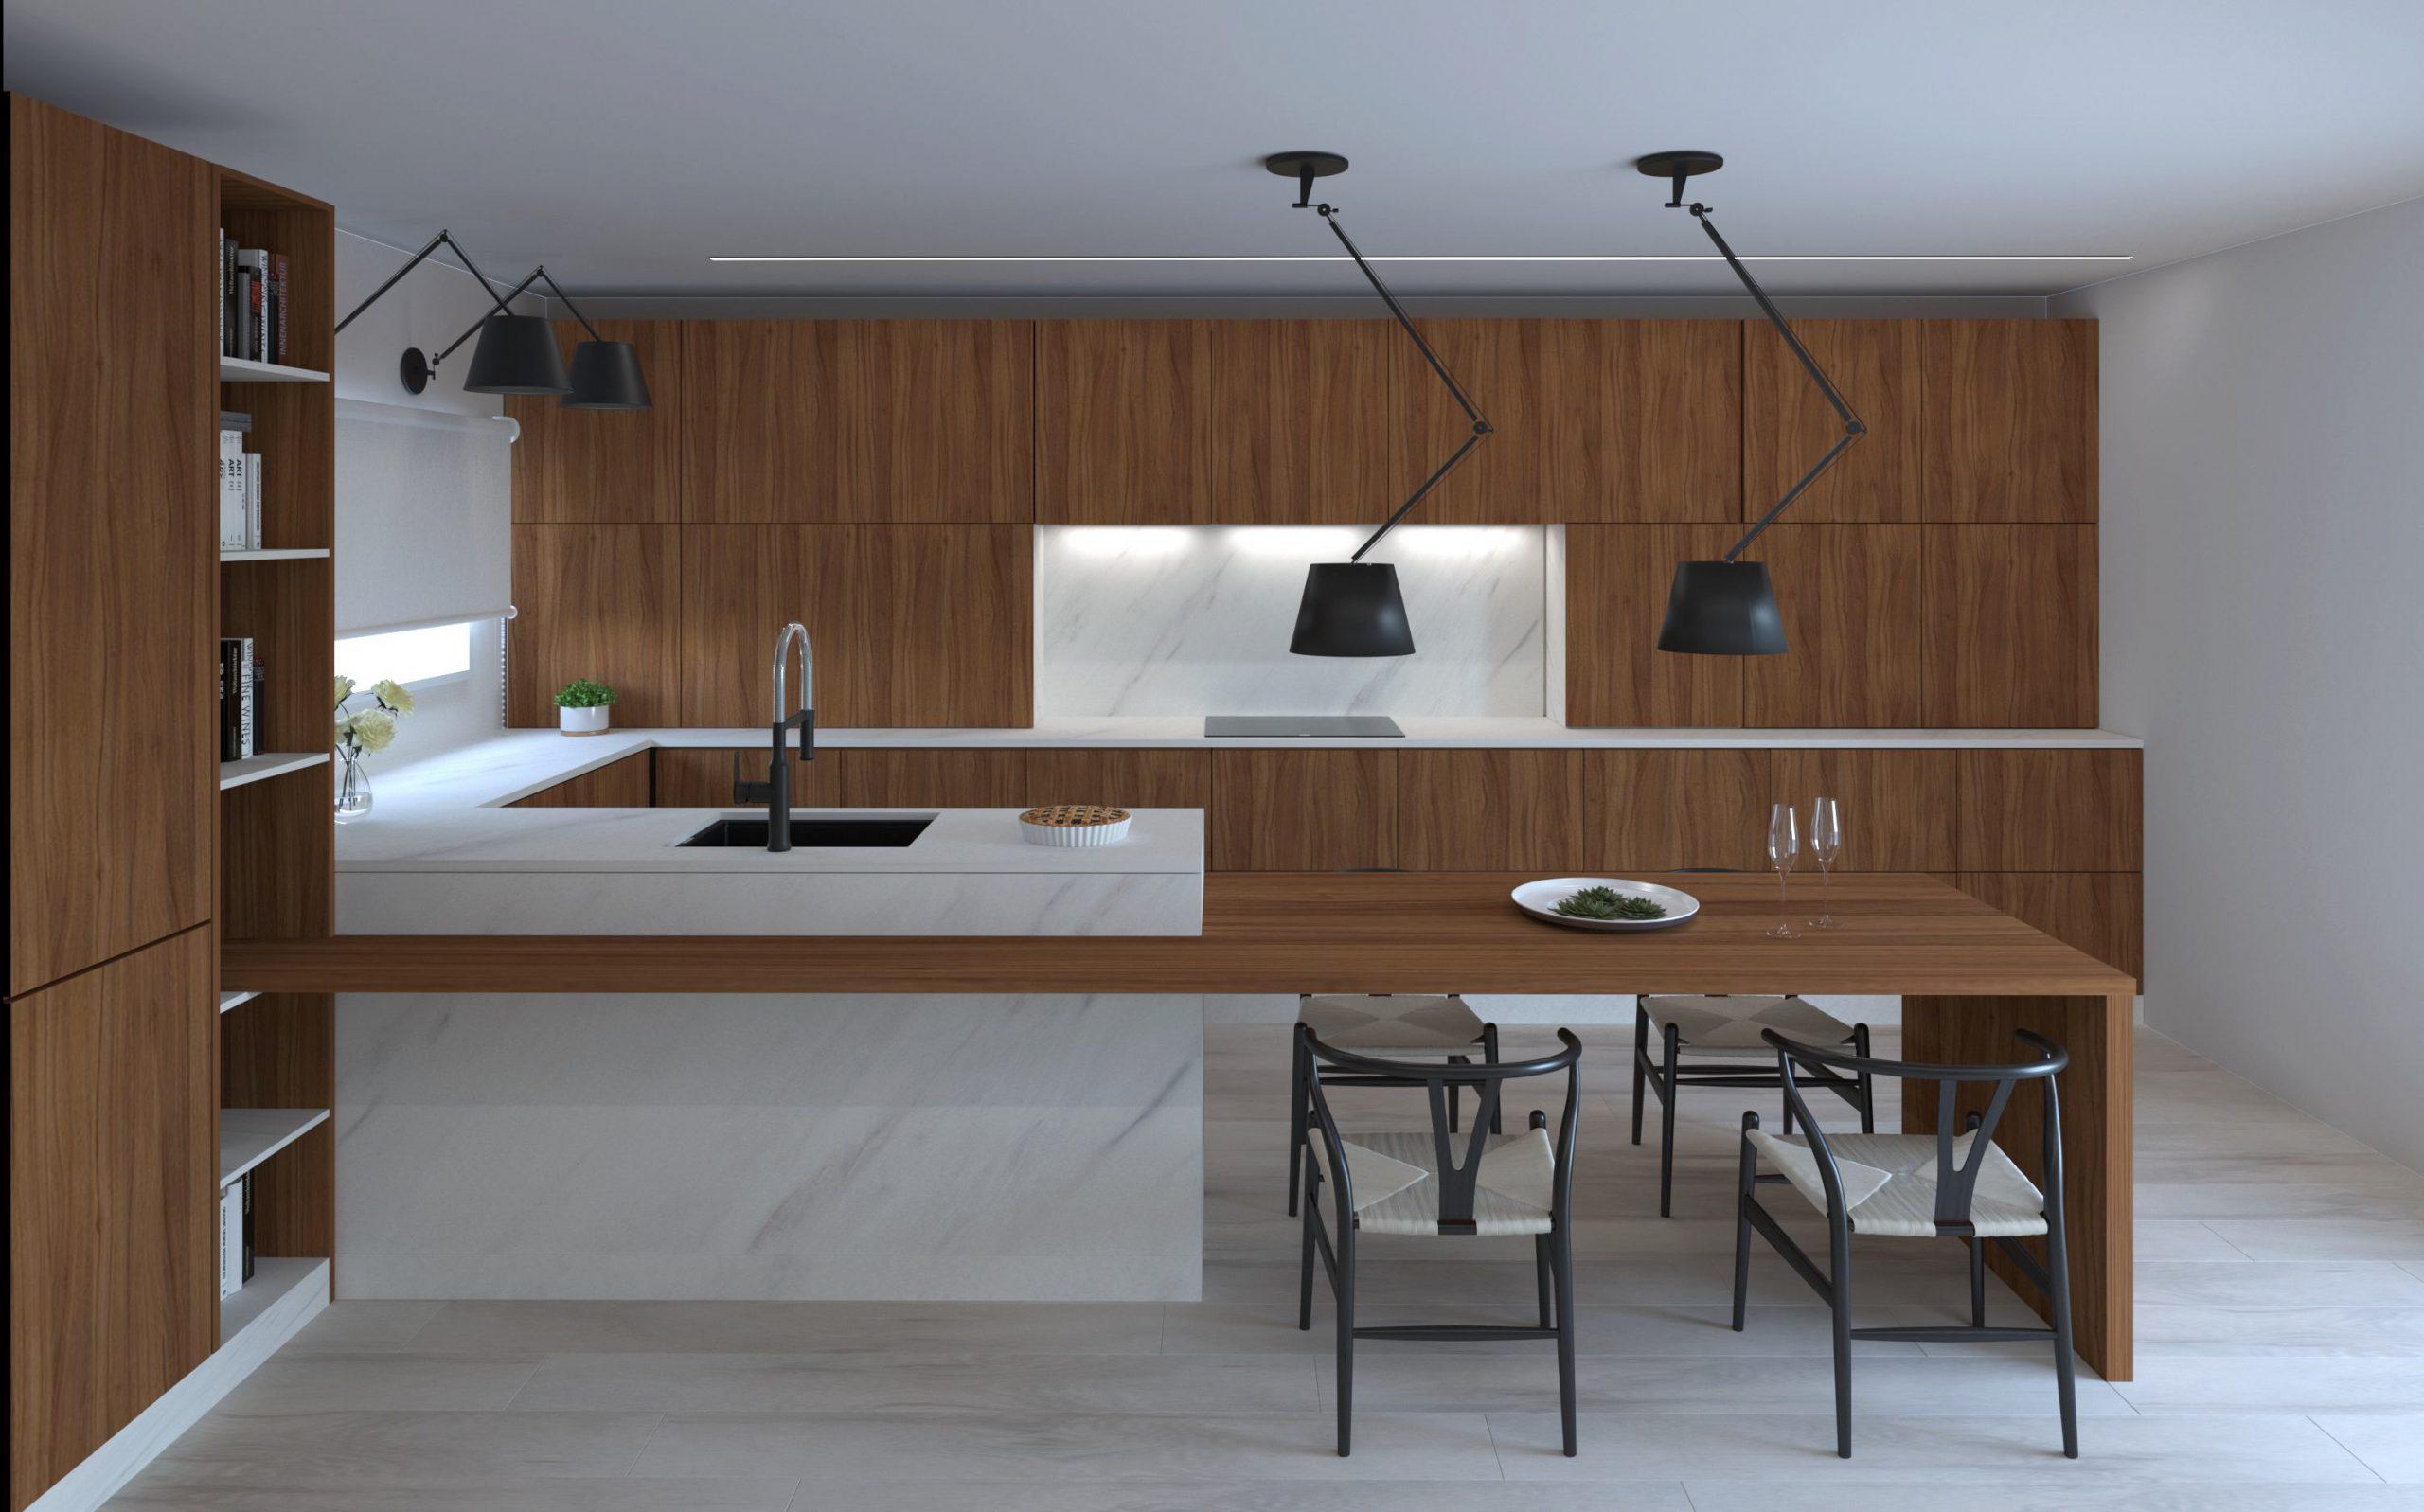 cocina t3 combinación madera oscura